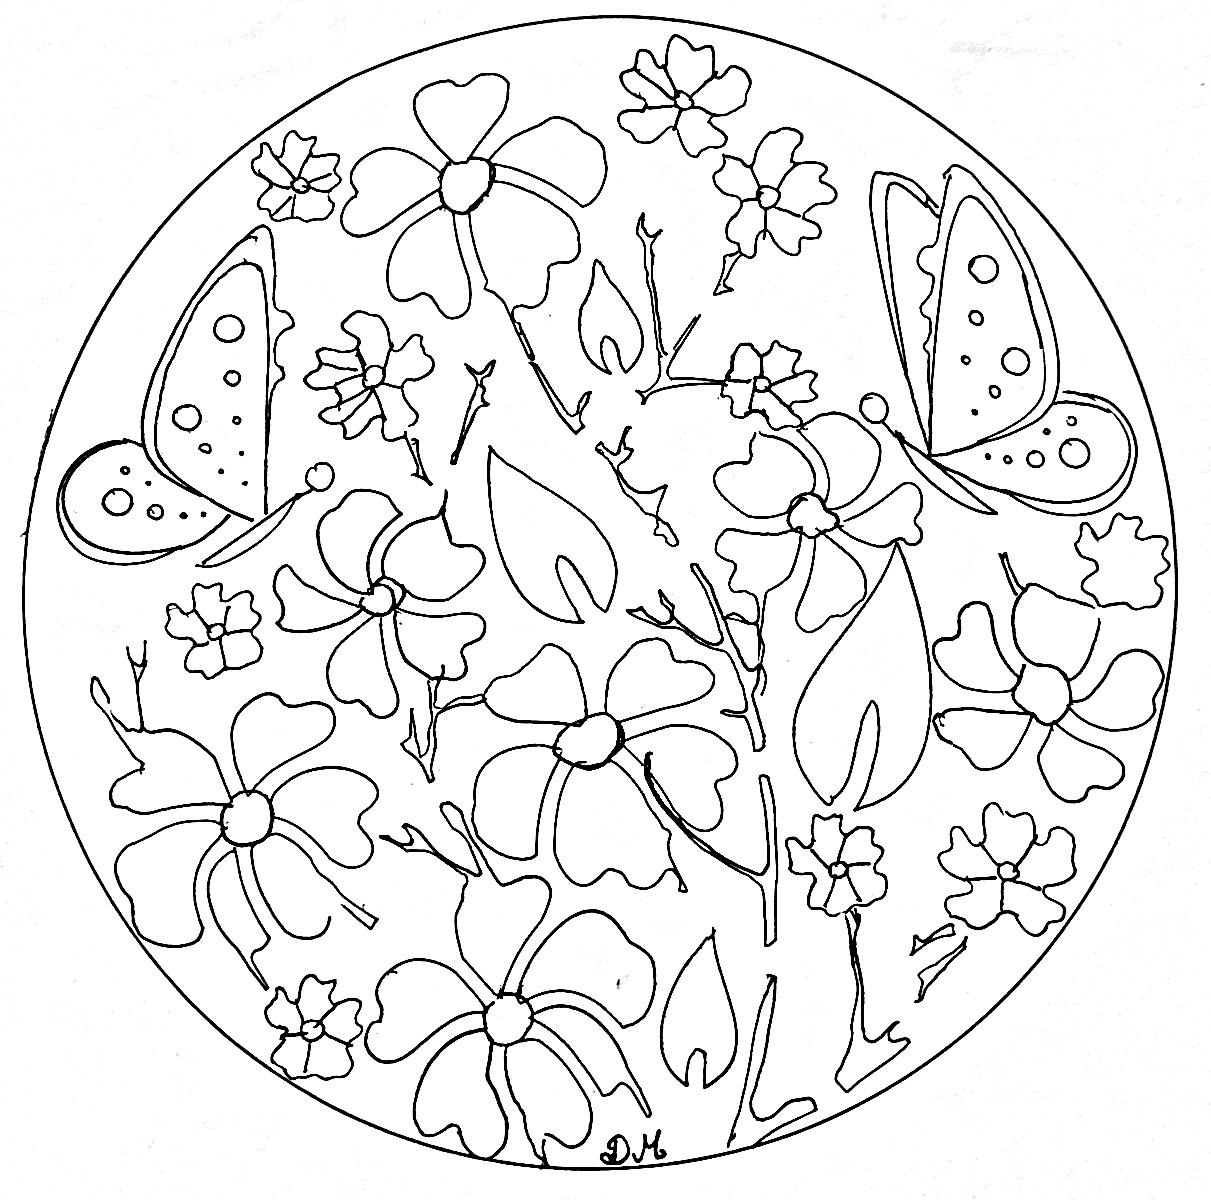 Disegni da colorare per adulti : Mandalas - 181